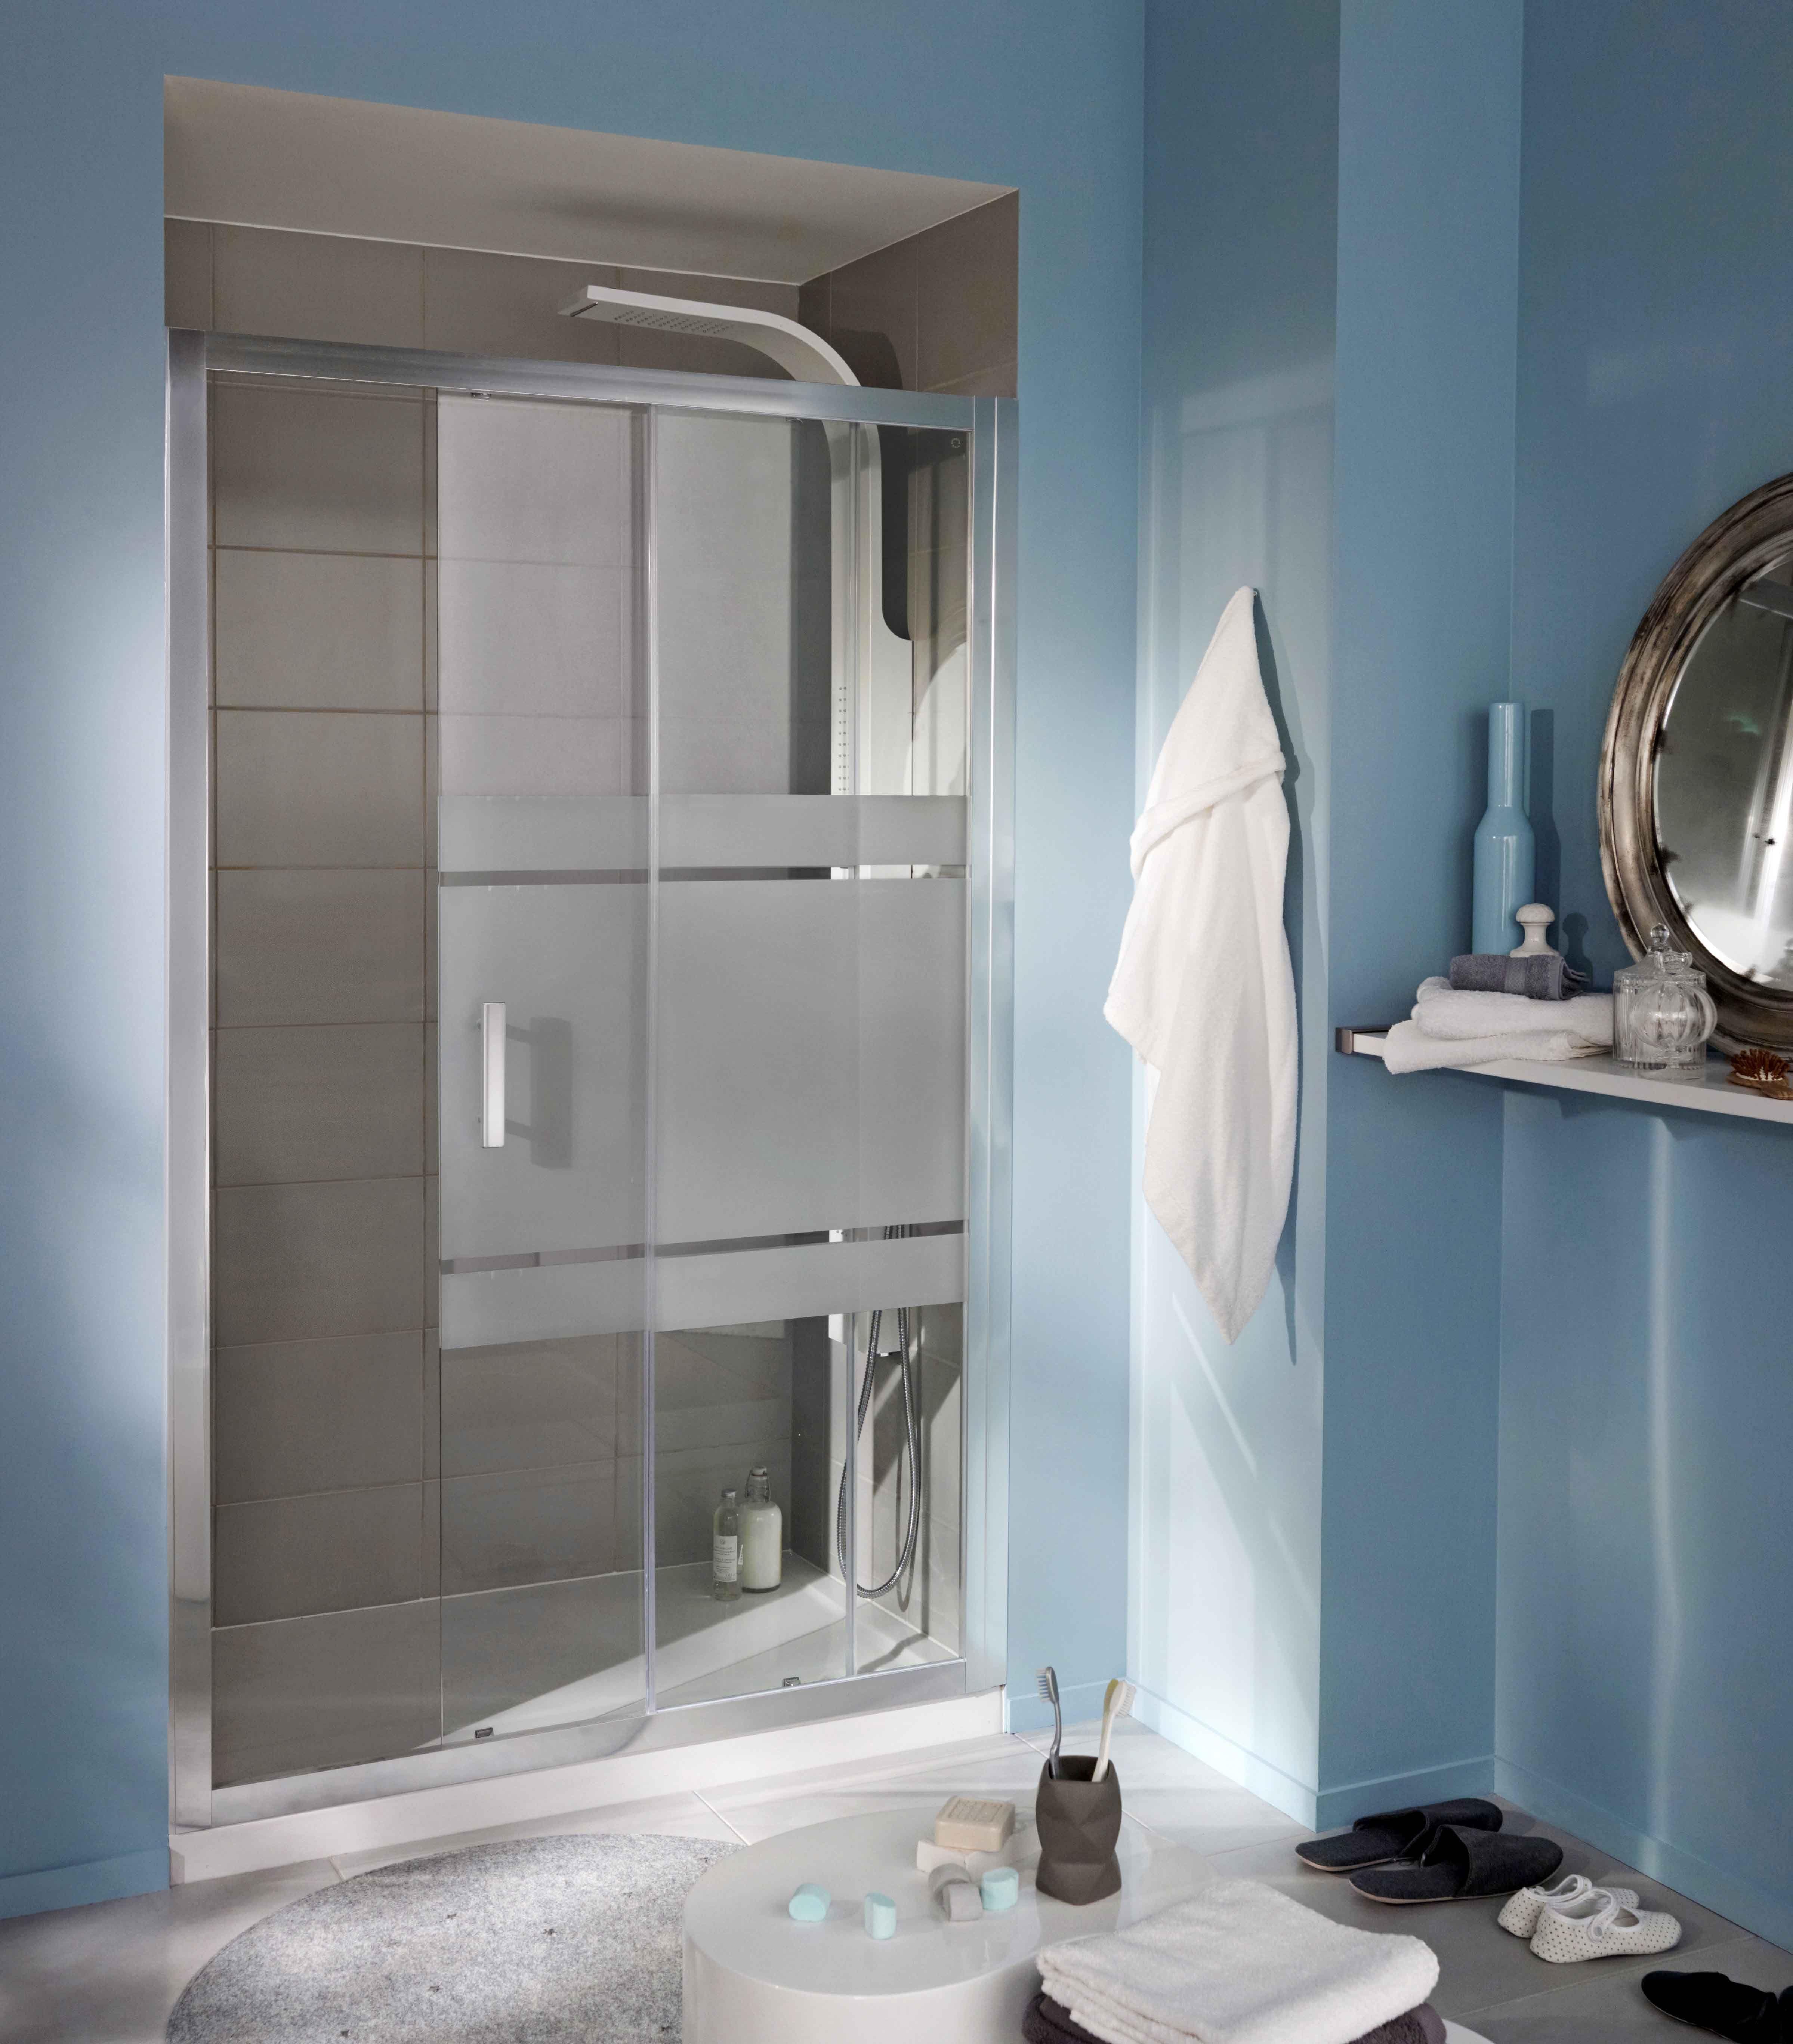 Pin by justine bernier on salle de bain pinterest - Porte coulissante salle de bain lapeyre ...